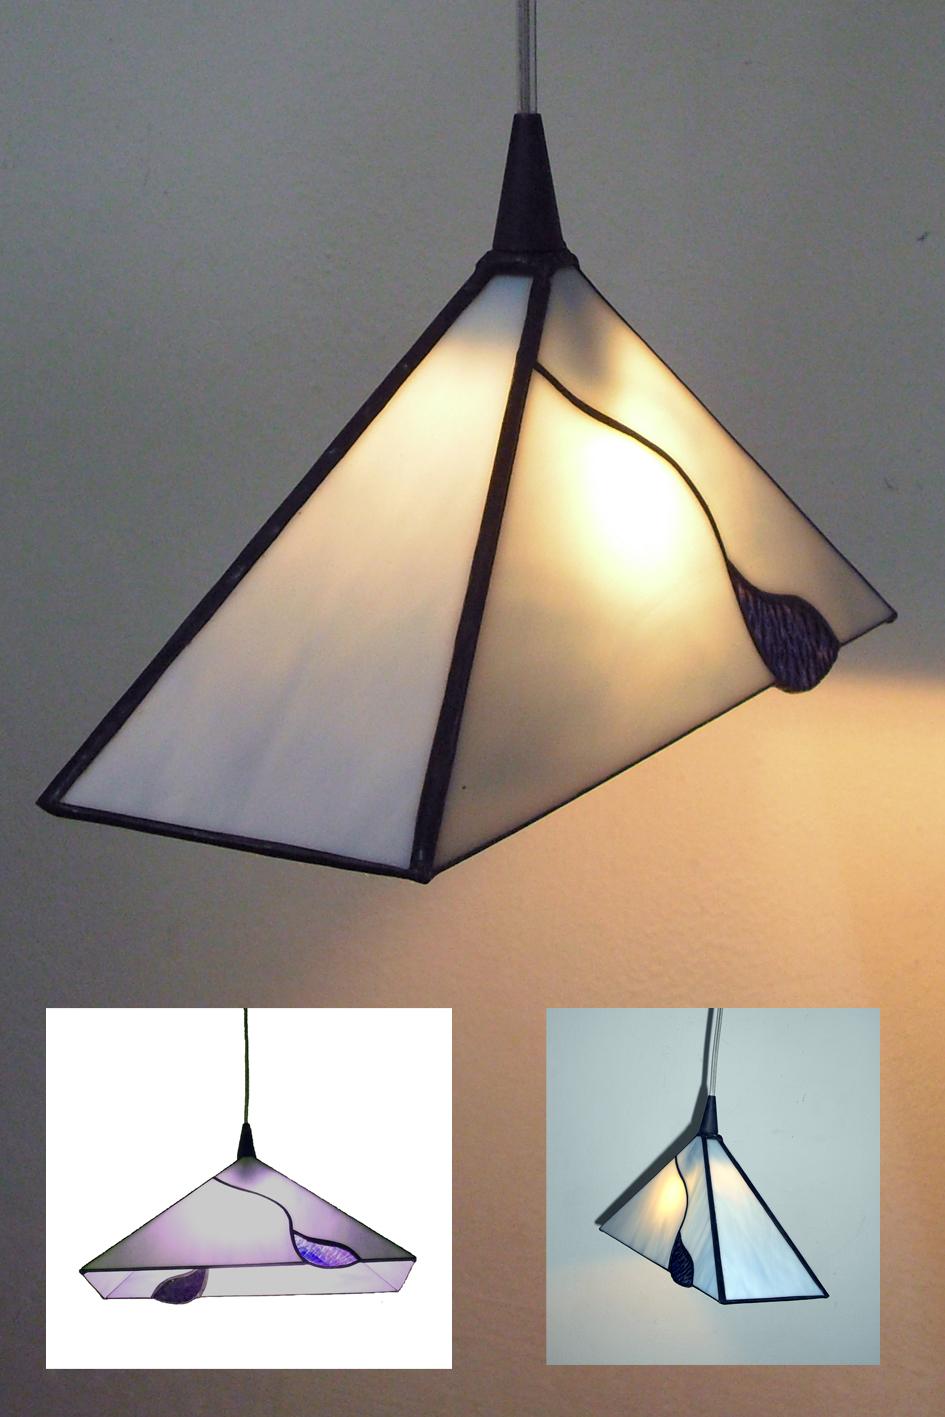 מנורת ויטראז מנורת טיפאני משולש מנורה לנישה